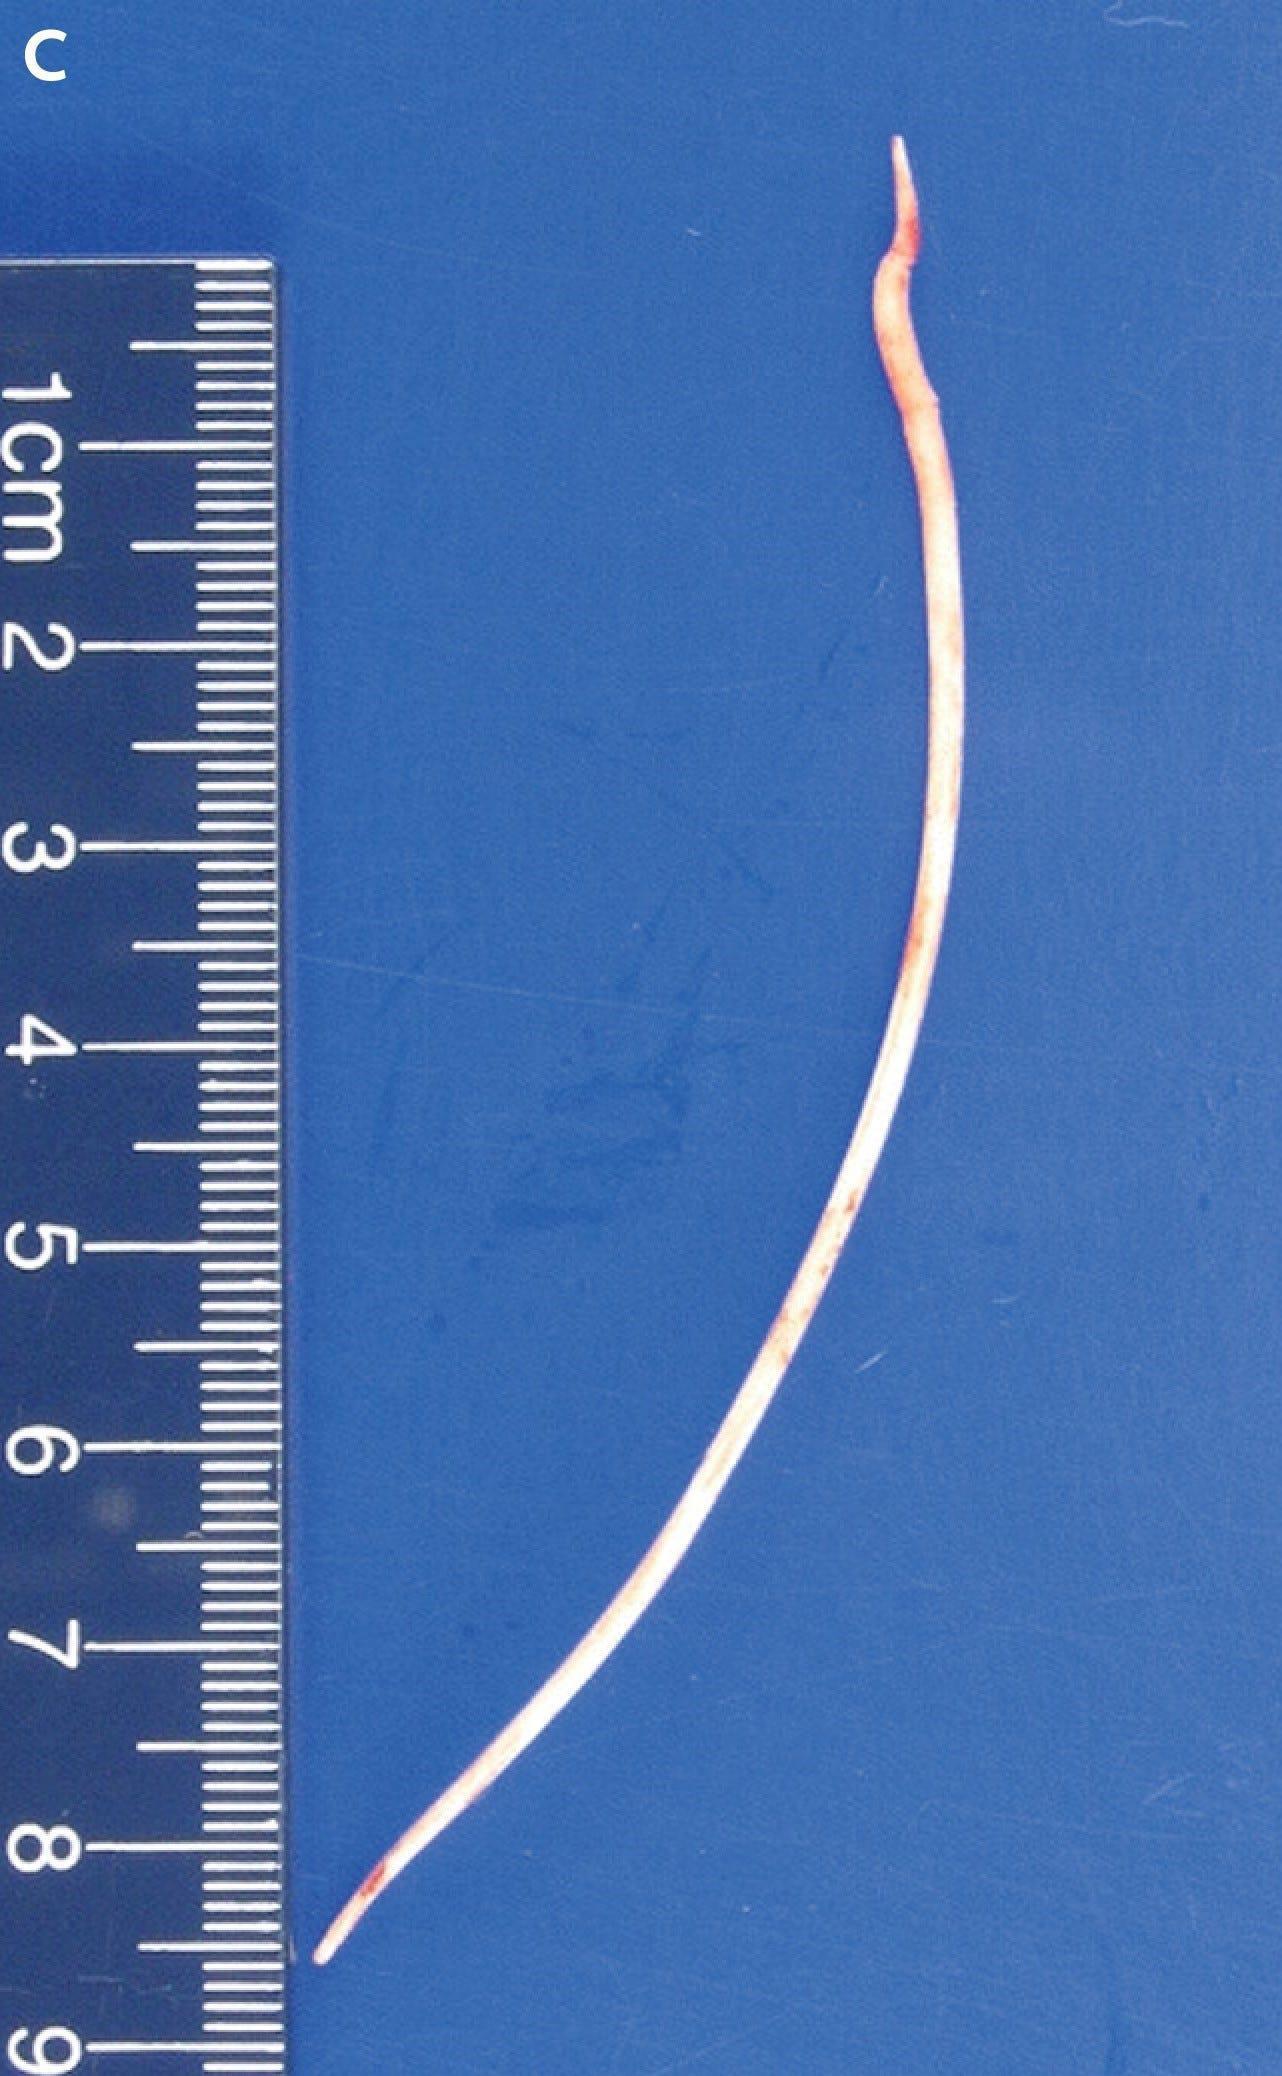 Bác sĩ sốc khi tìm thấy mảnh xi măng 10cm trong tim bệnh nhân - ảnh 1